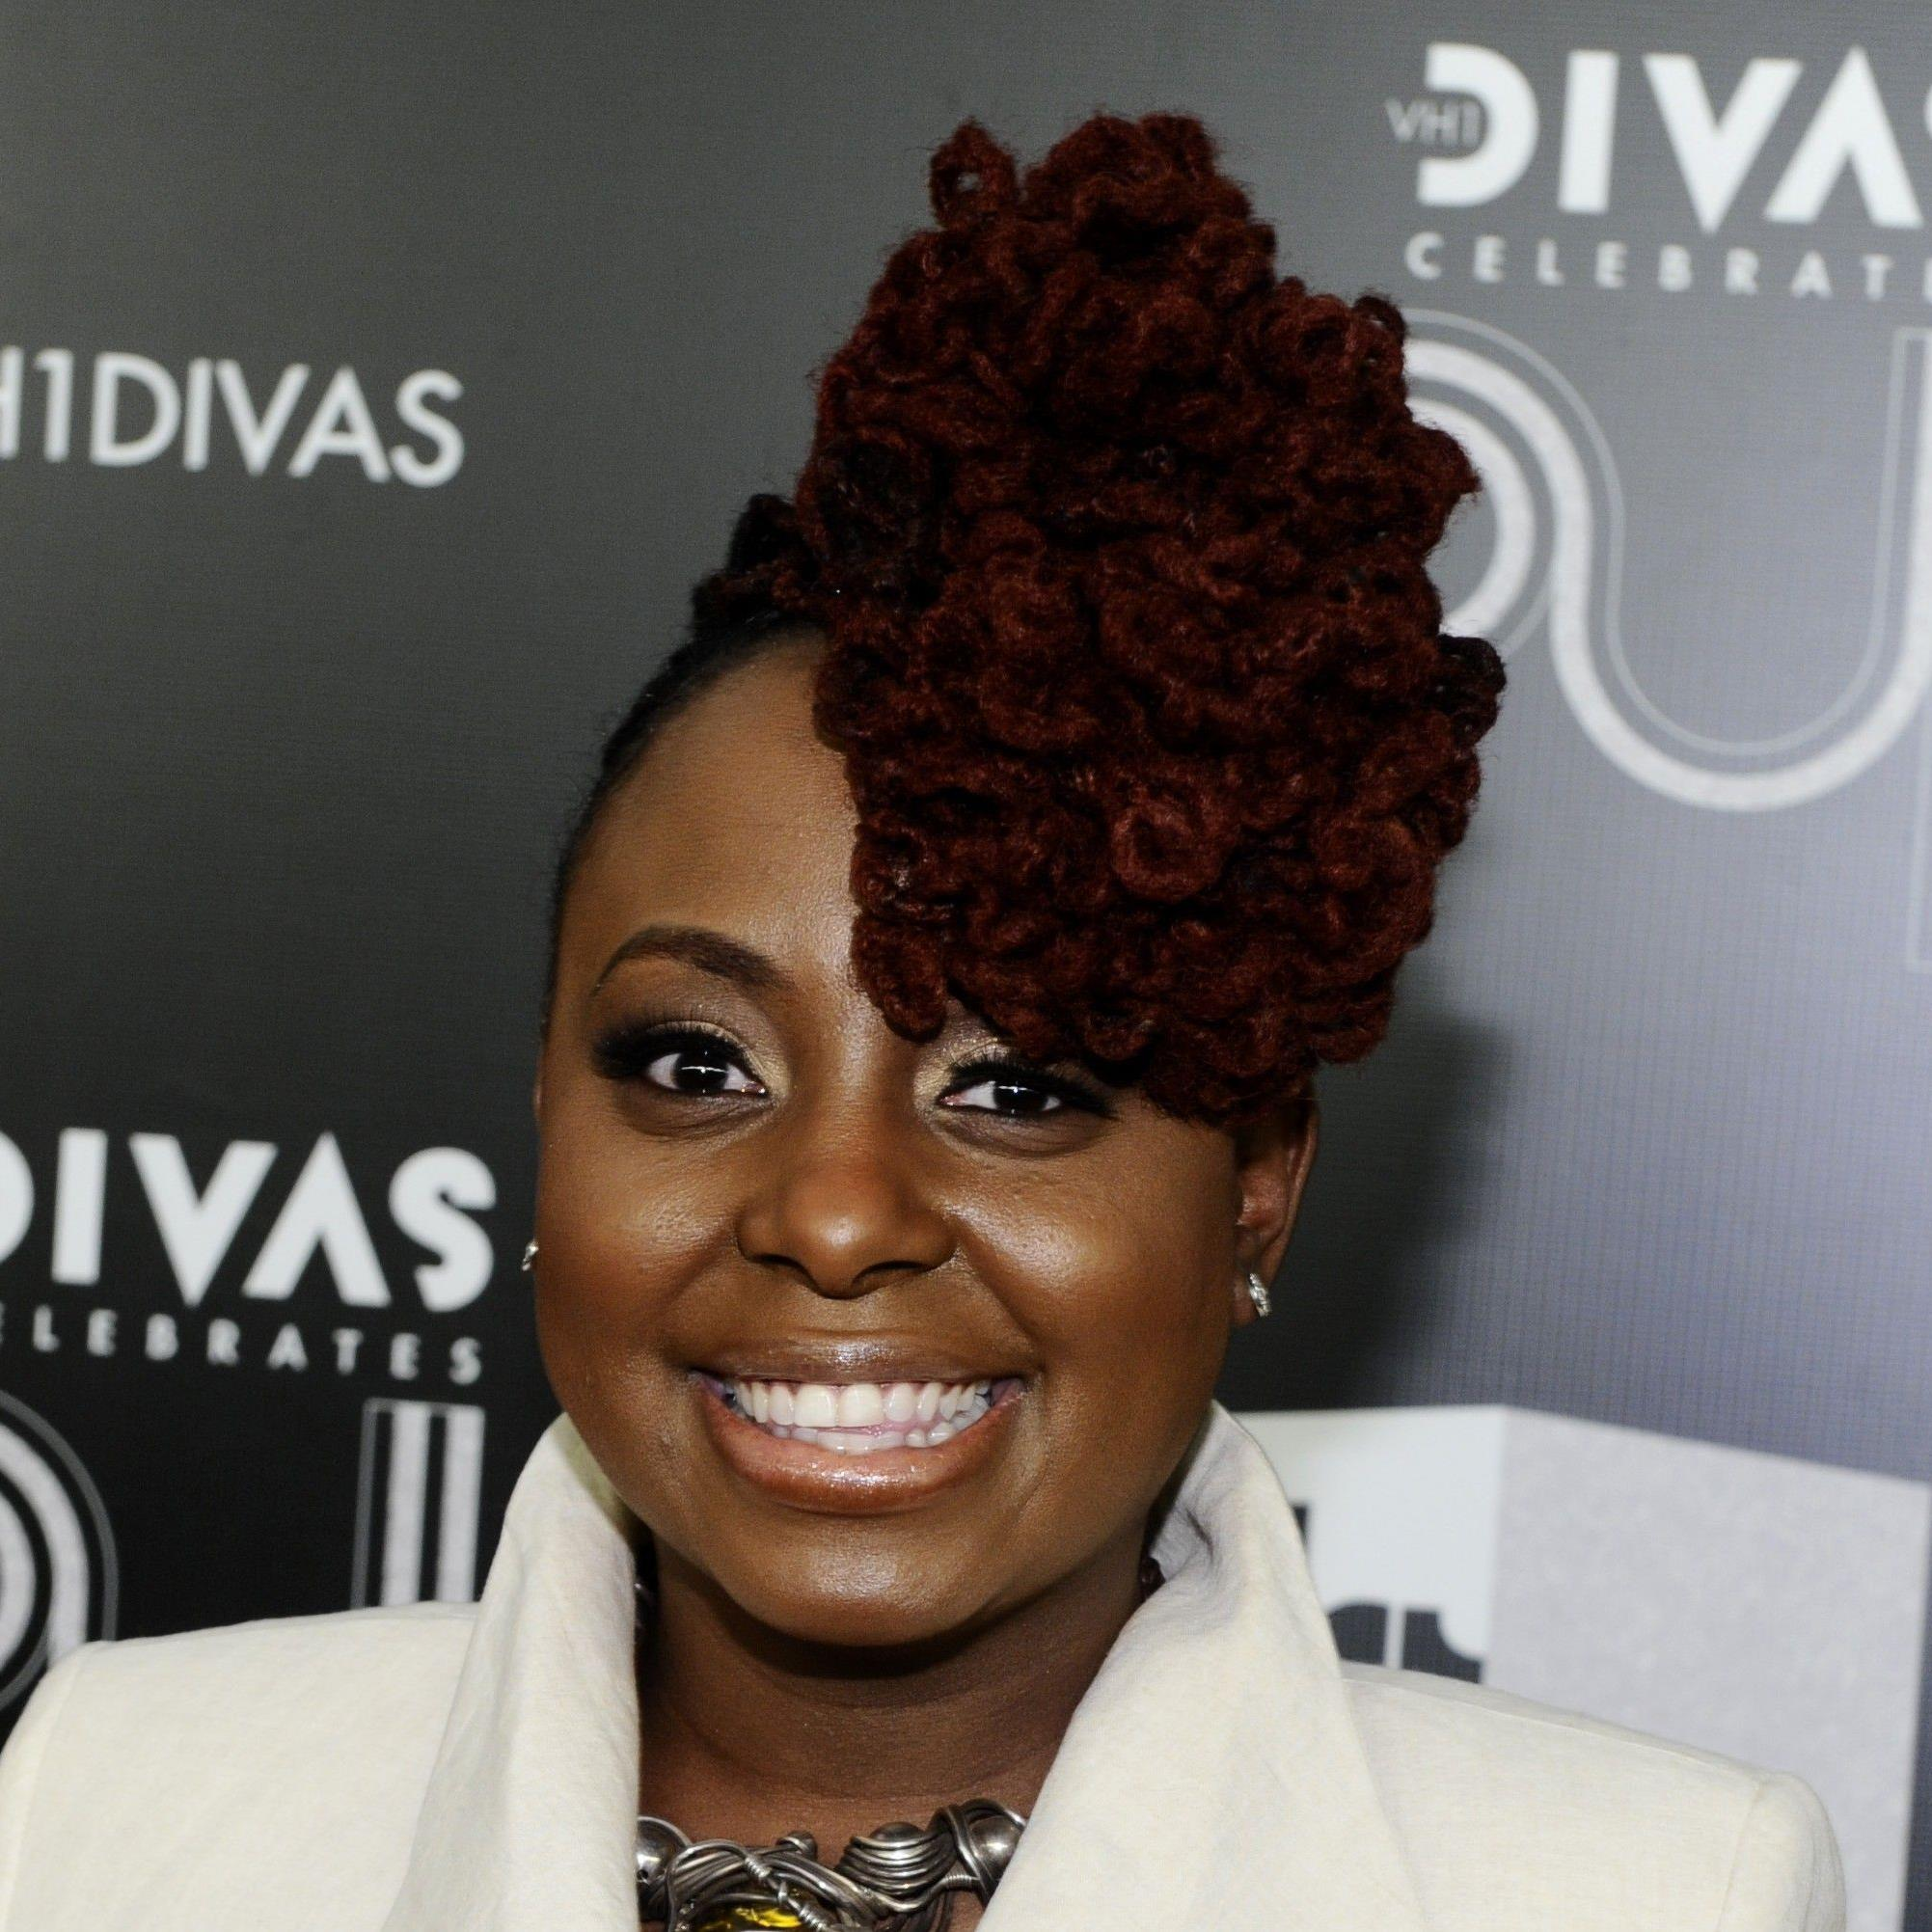 R&B-Sängerin Ledisi liebt es sich mit ihrer Musik auszudrücken und Menschen zu inspirieren.